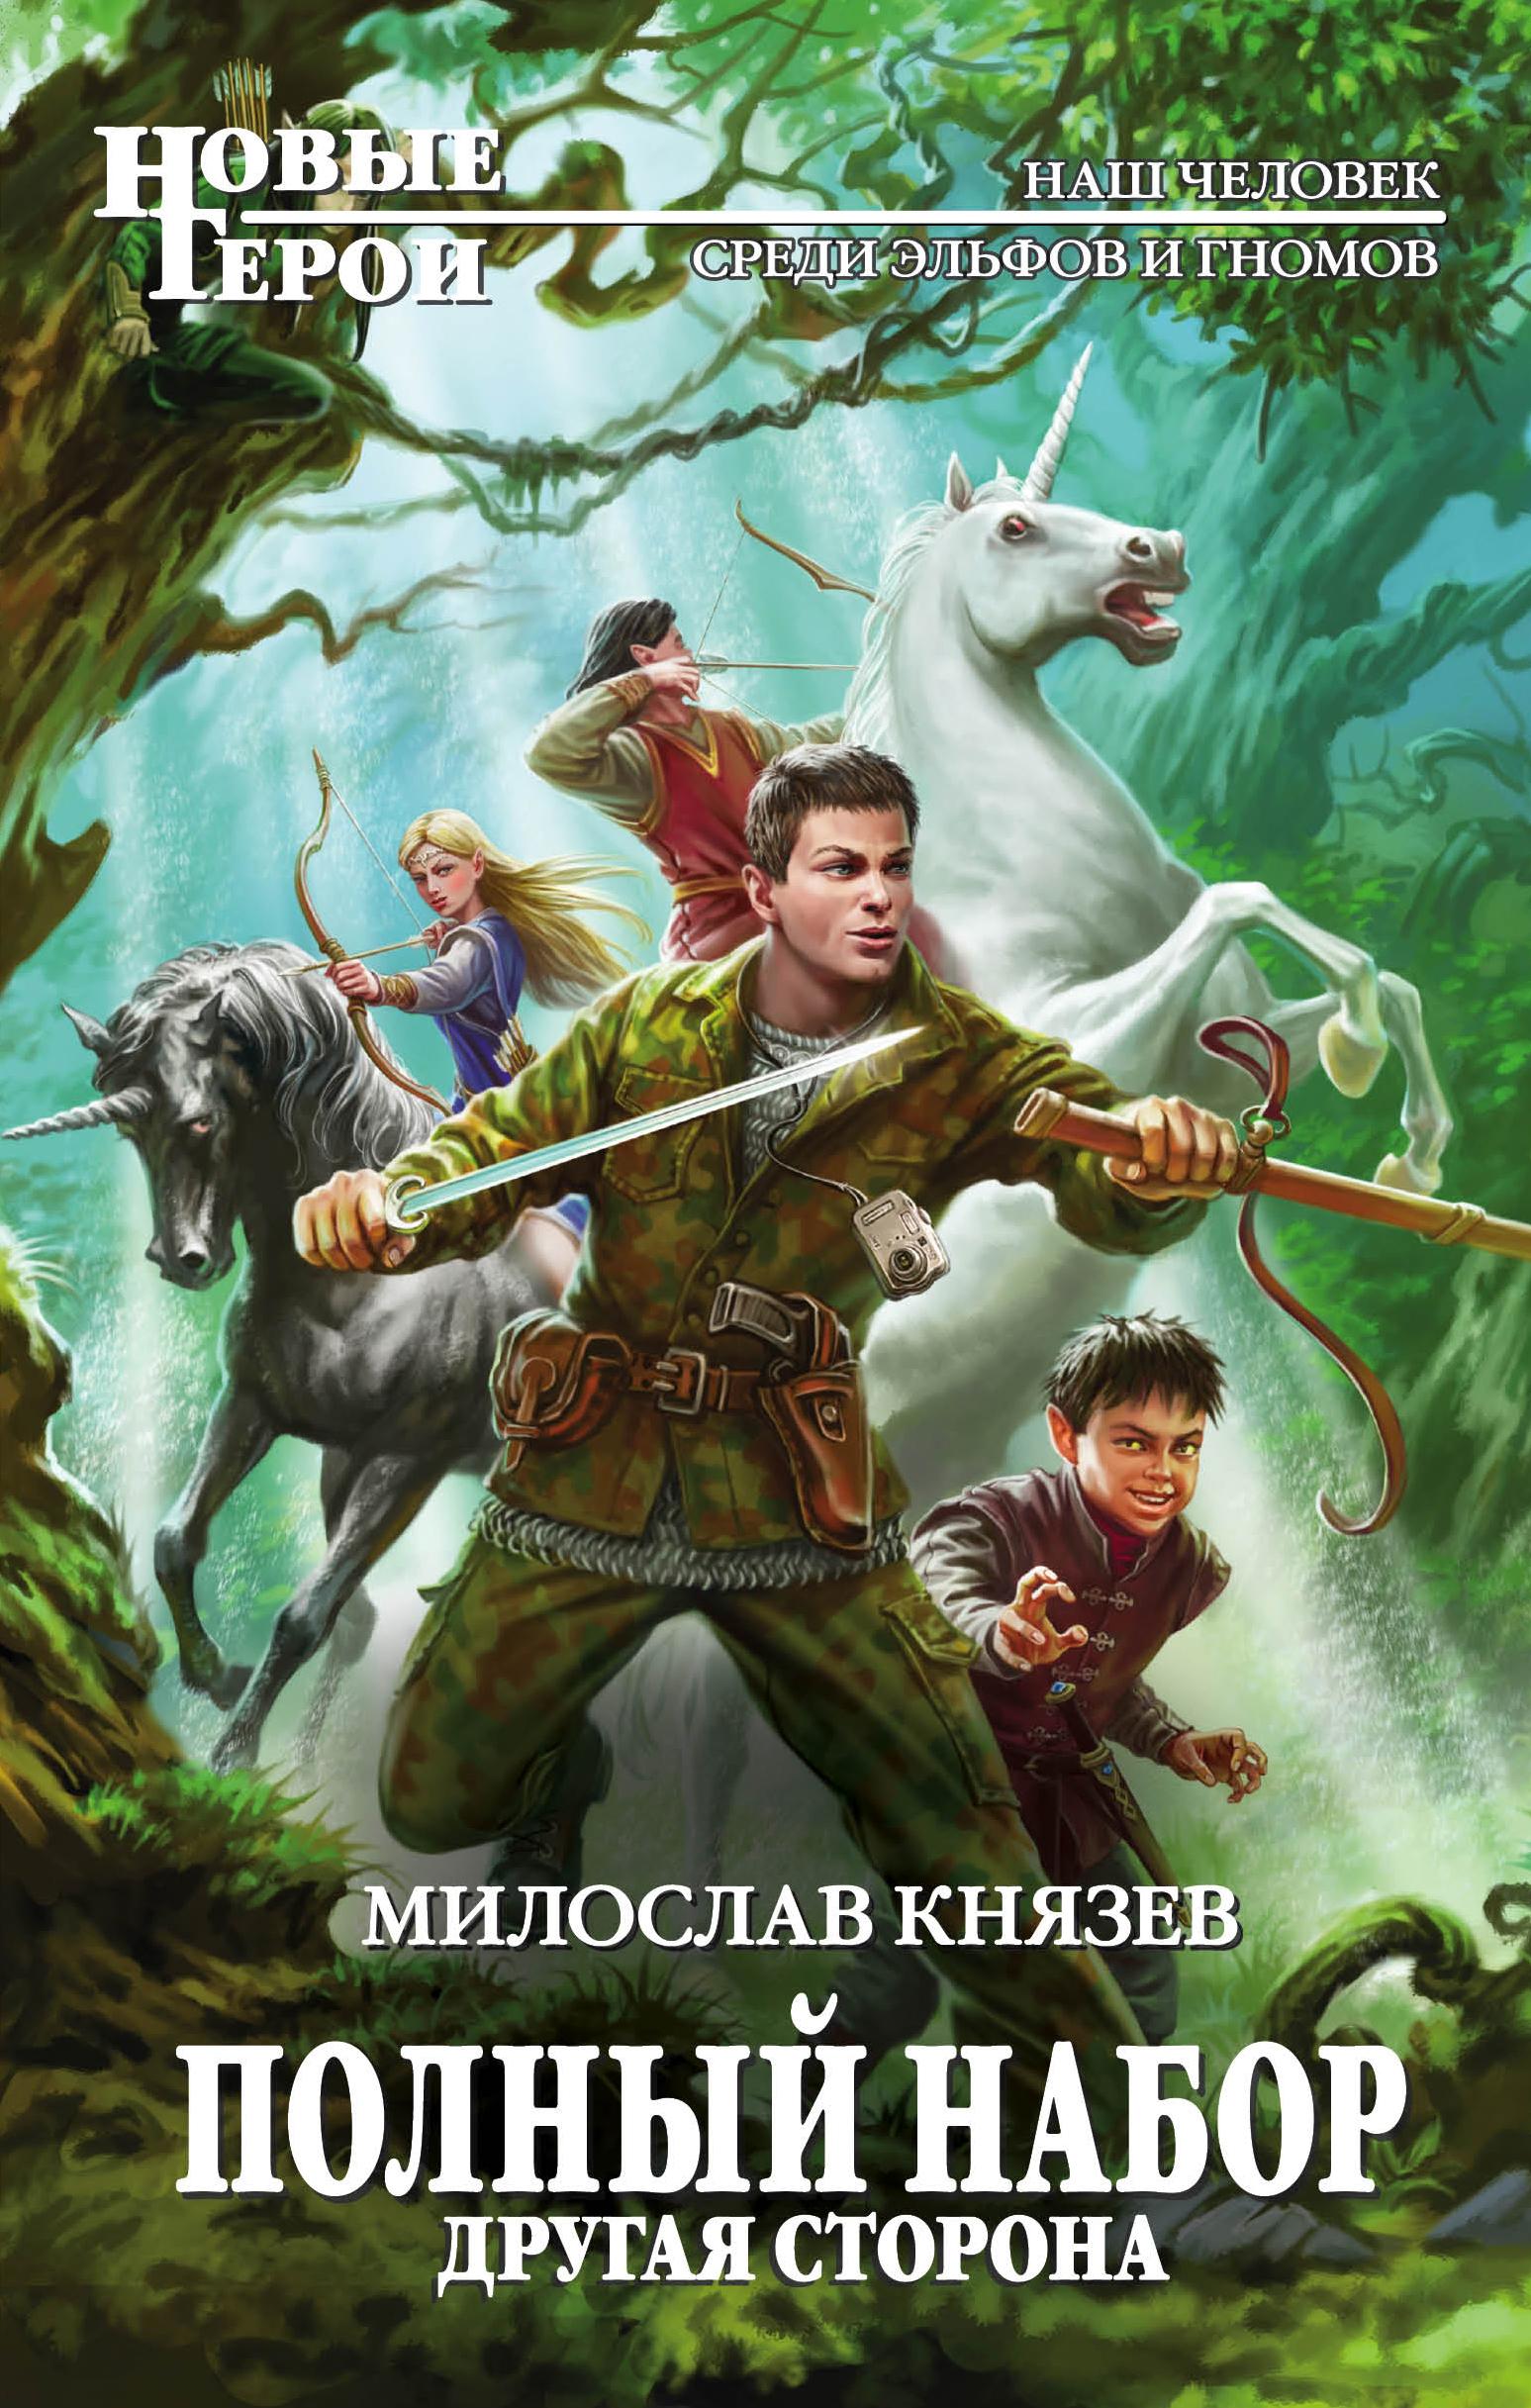 Милослав Князев Другая сторона милослав князев полный набор пираты драконьих островов